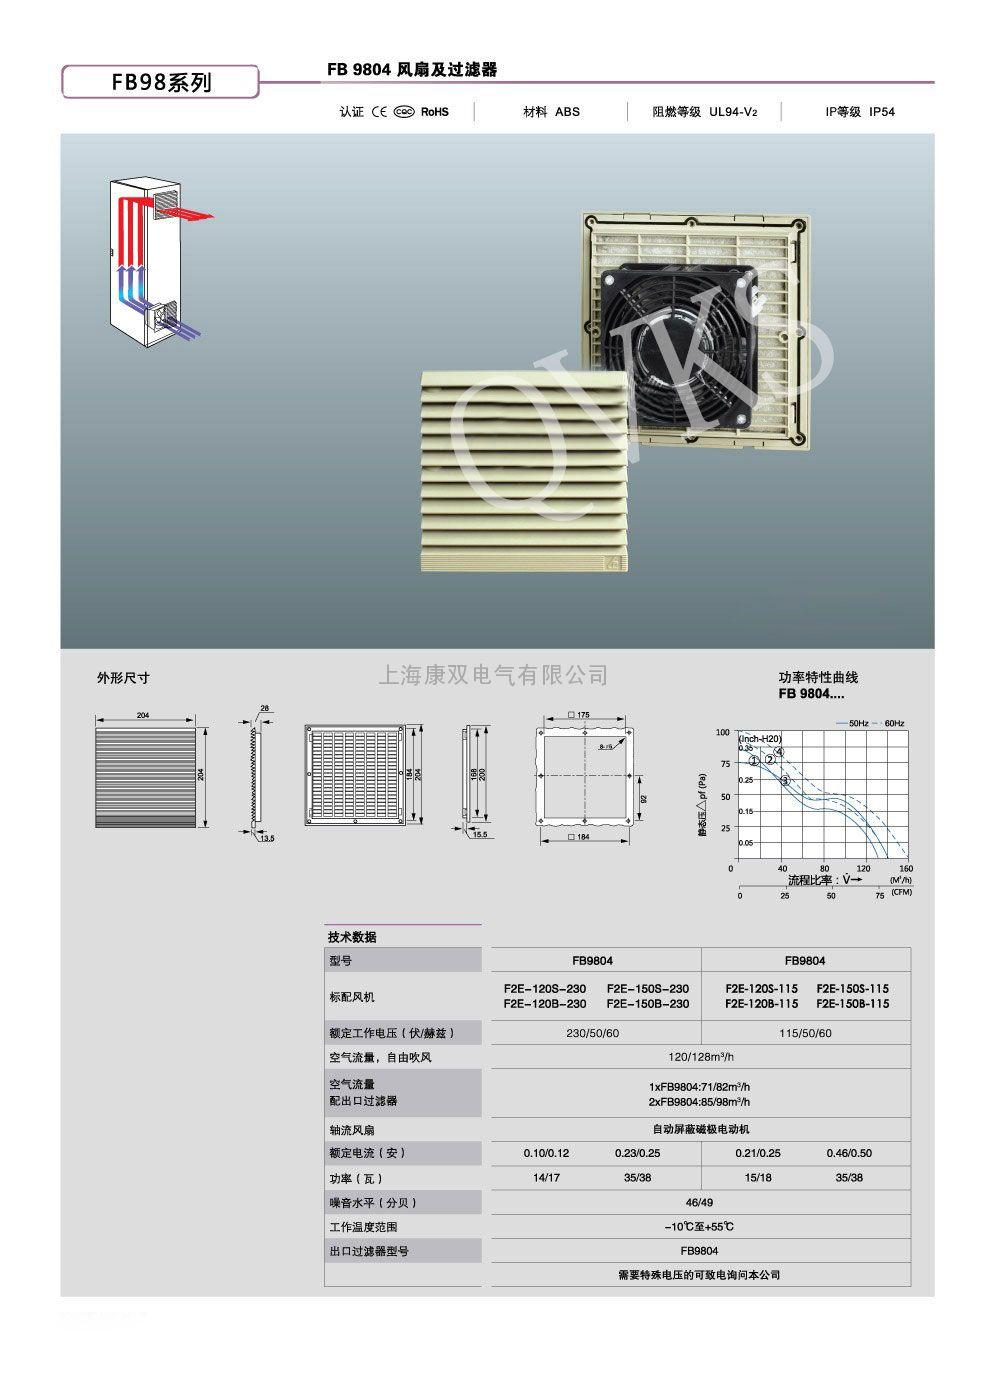 FB9804/F2E-120S-230康双电柜散热风扇